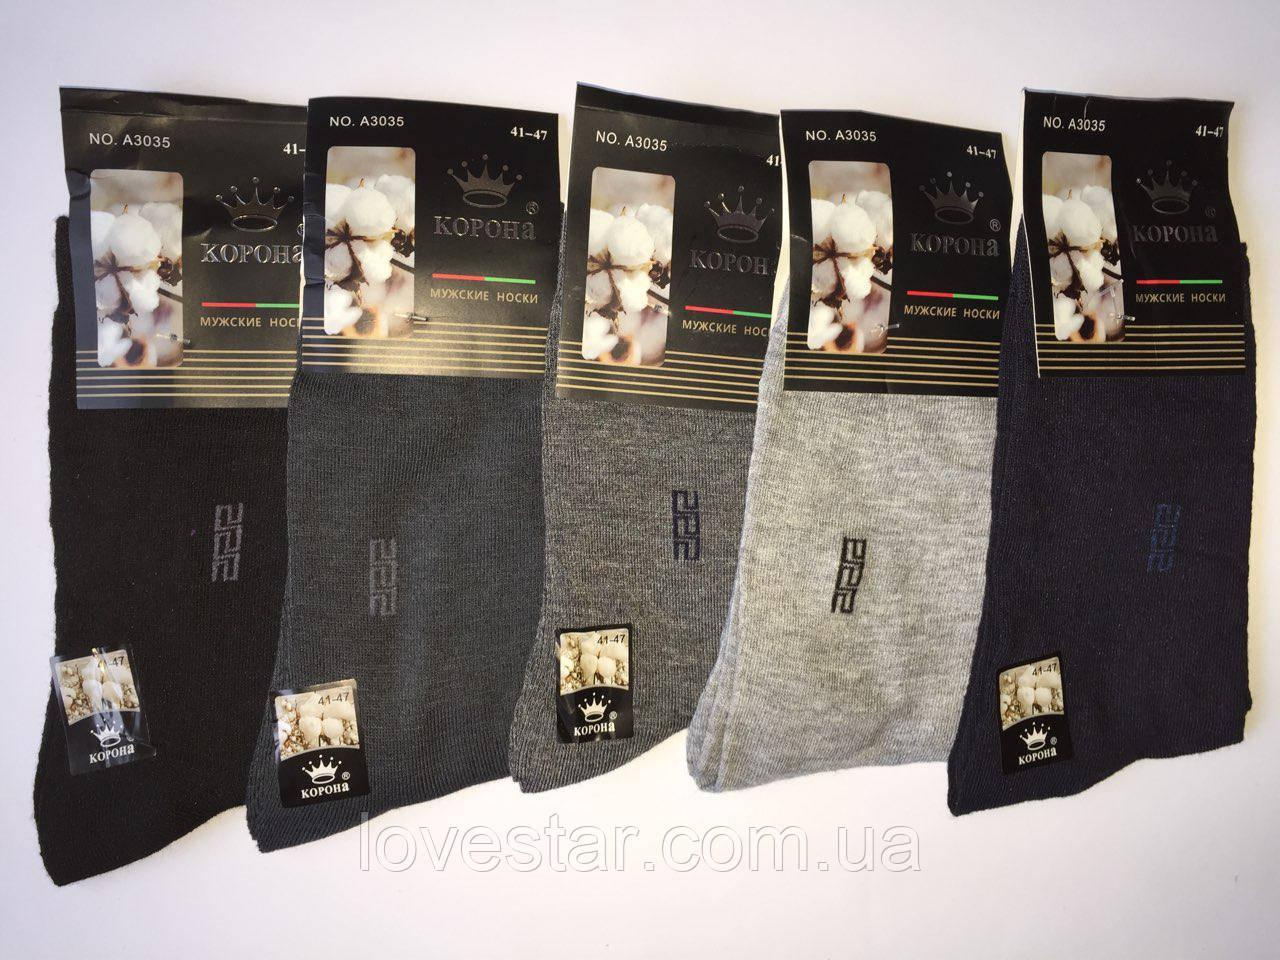 Мужские носки Корона хлопок  41-47